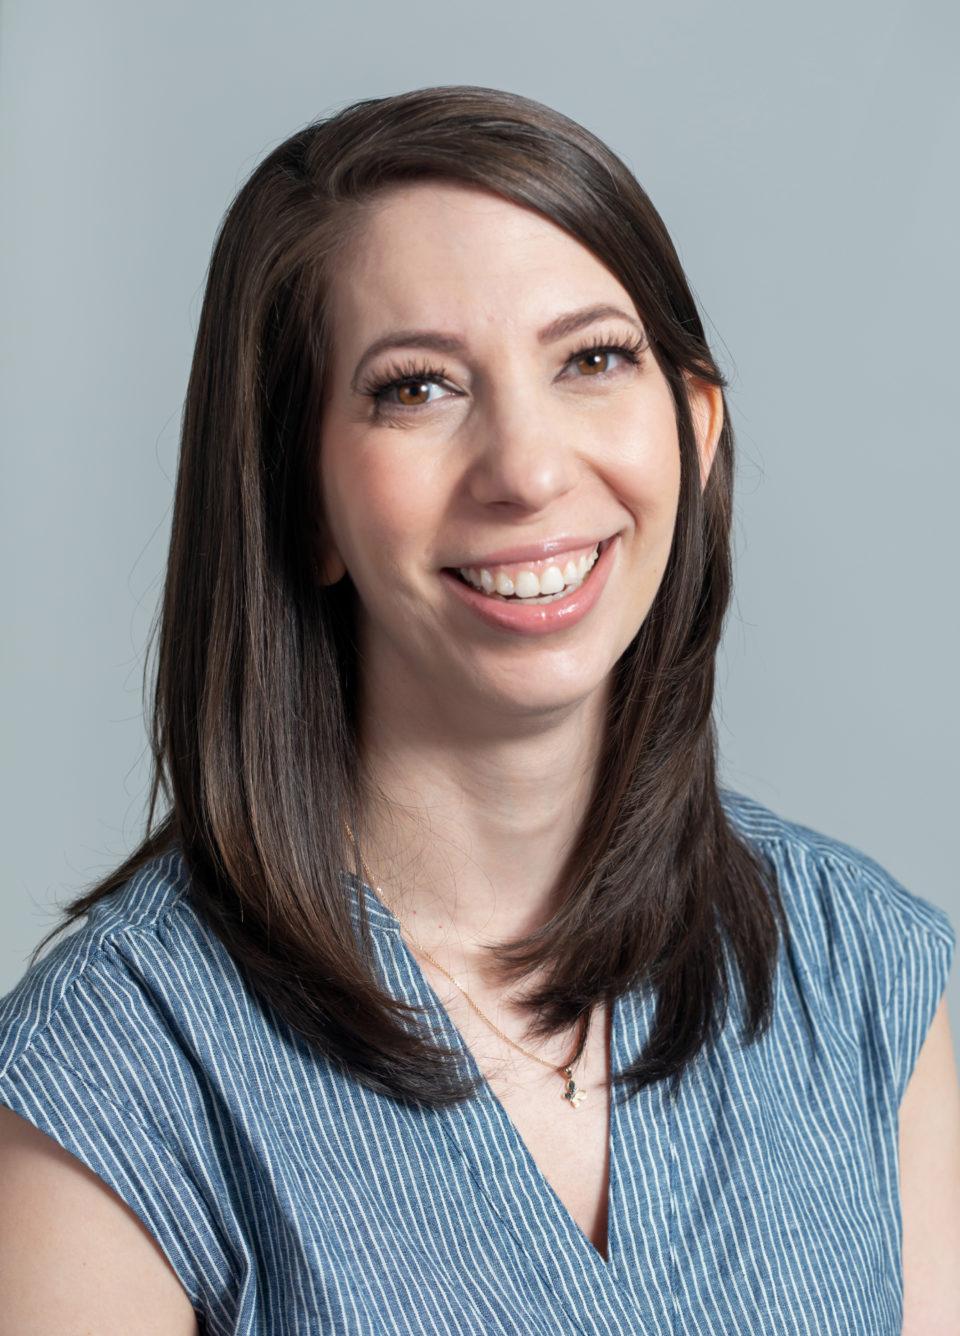 Zoe Stamoulis headshot